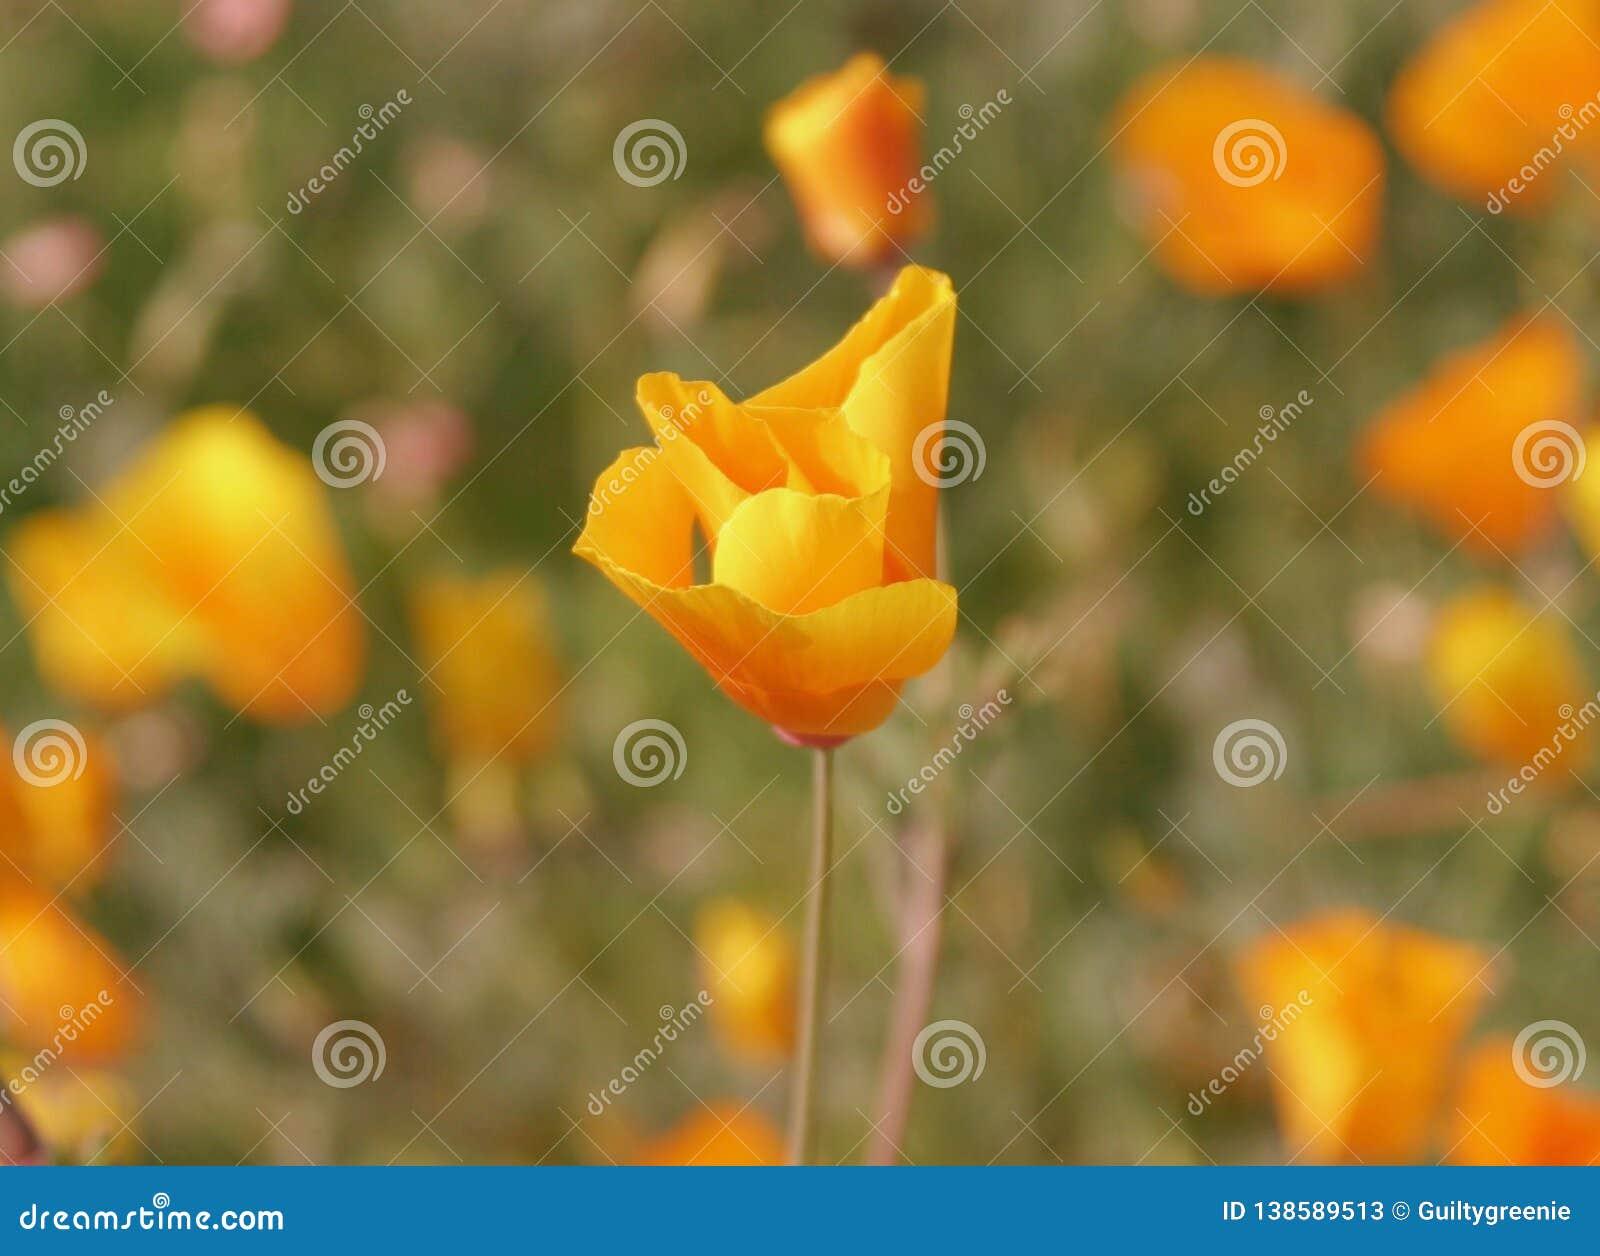 Einzelnes gekräuseltes Kalifornien Poppy Flower